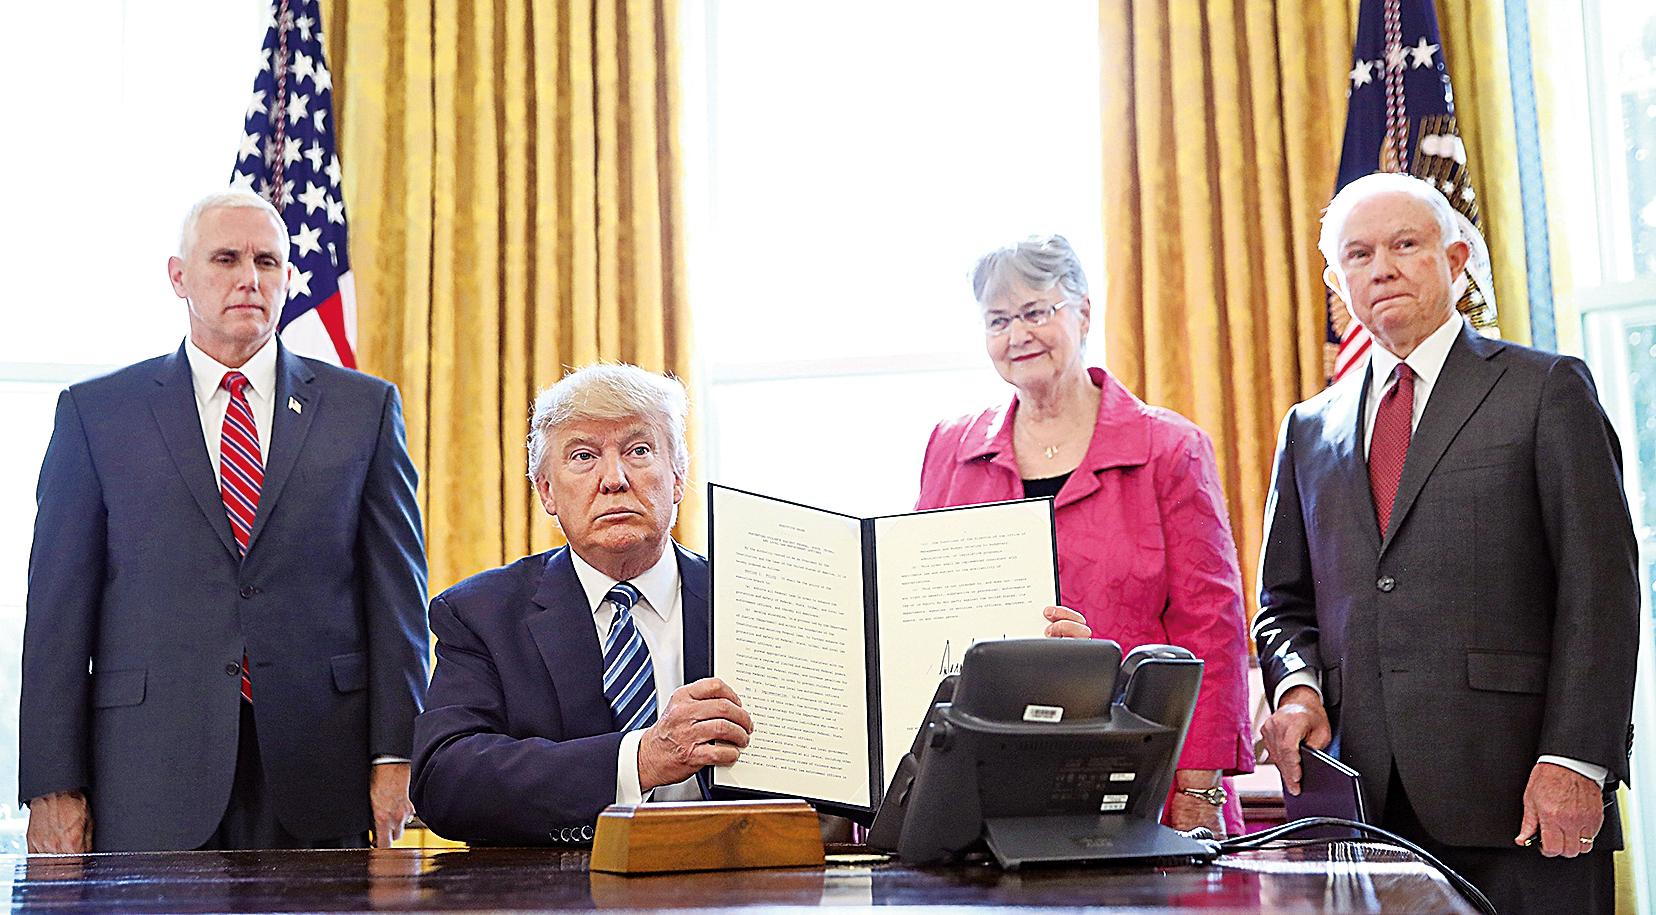 特朗普總統9日簽署三個行政命令,誓言終結暴力犯罪,開啟正義時代。(Getty Images)